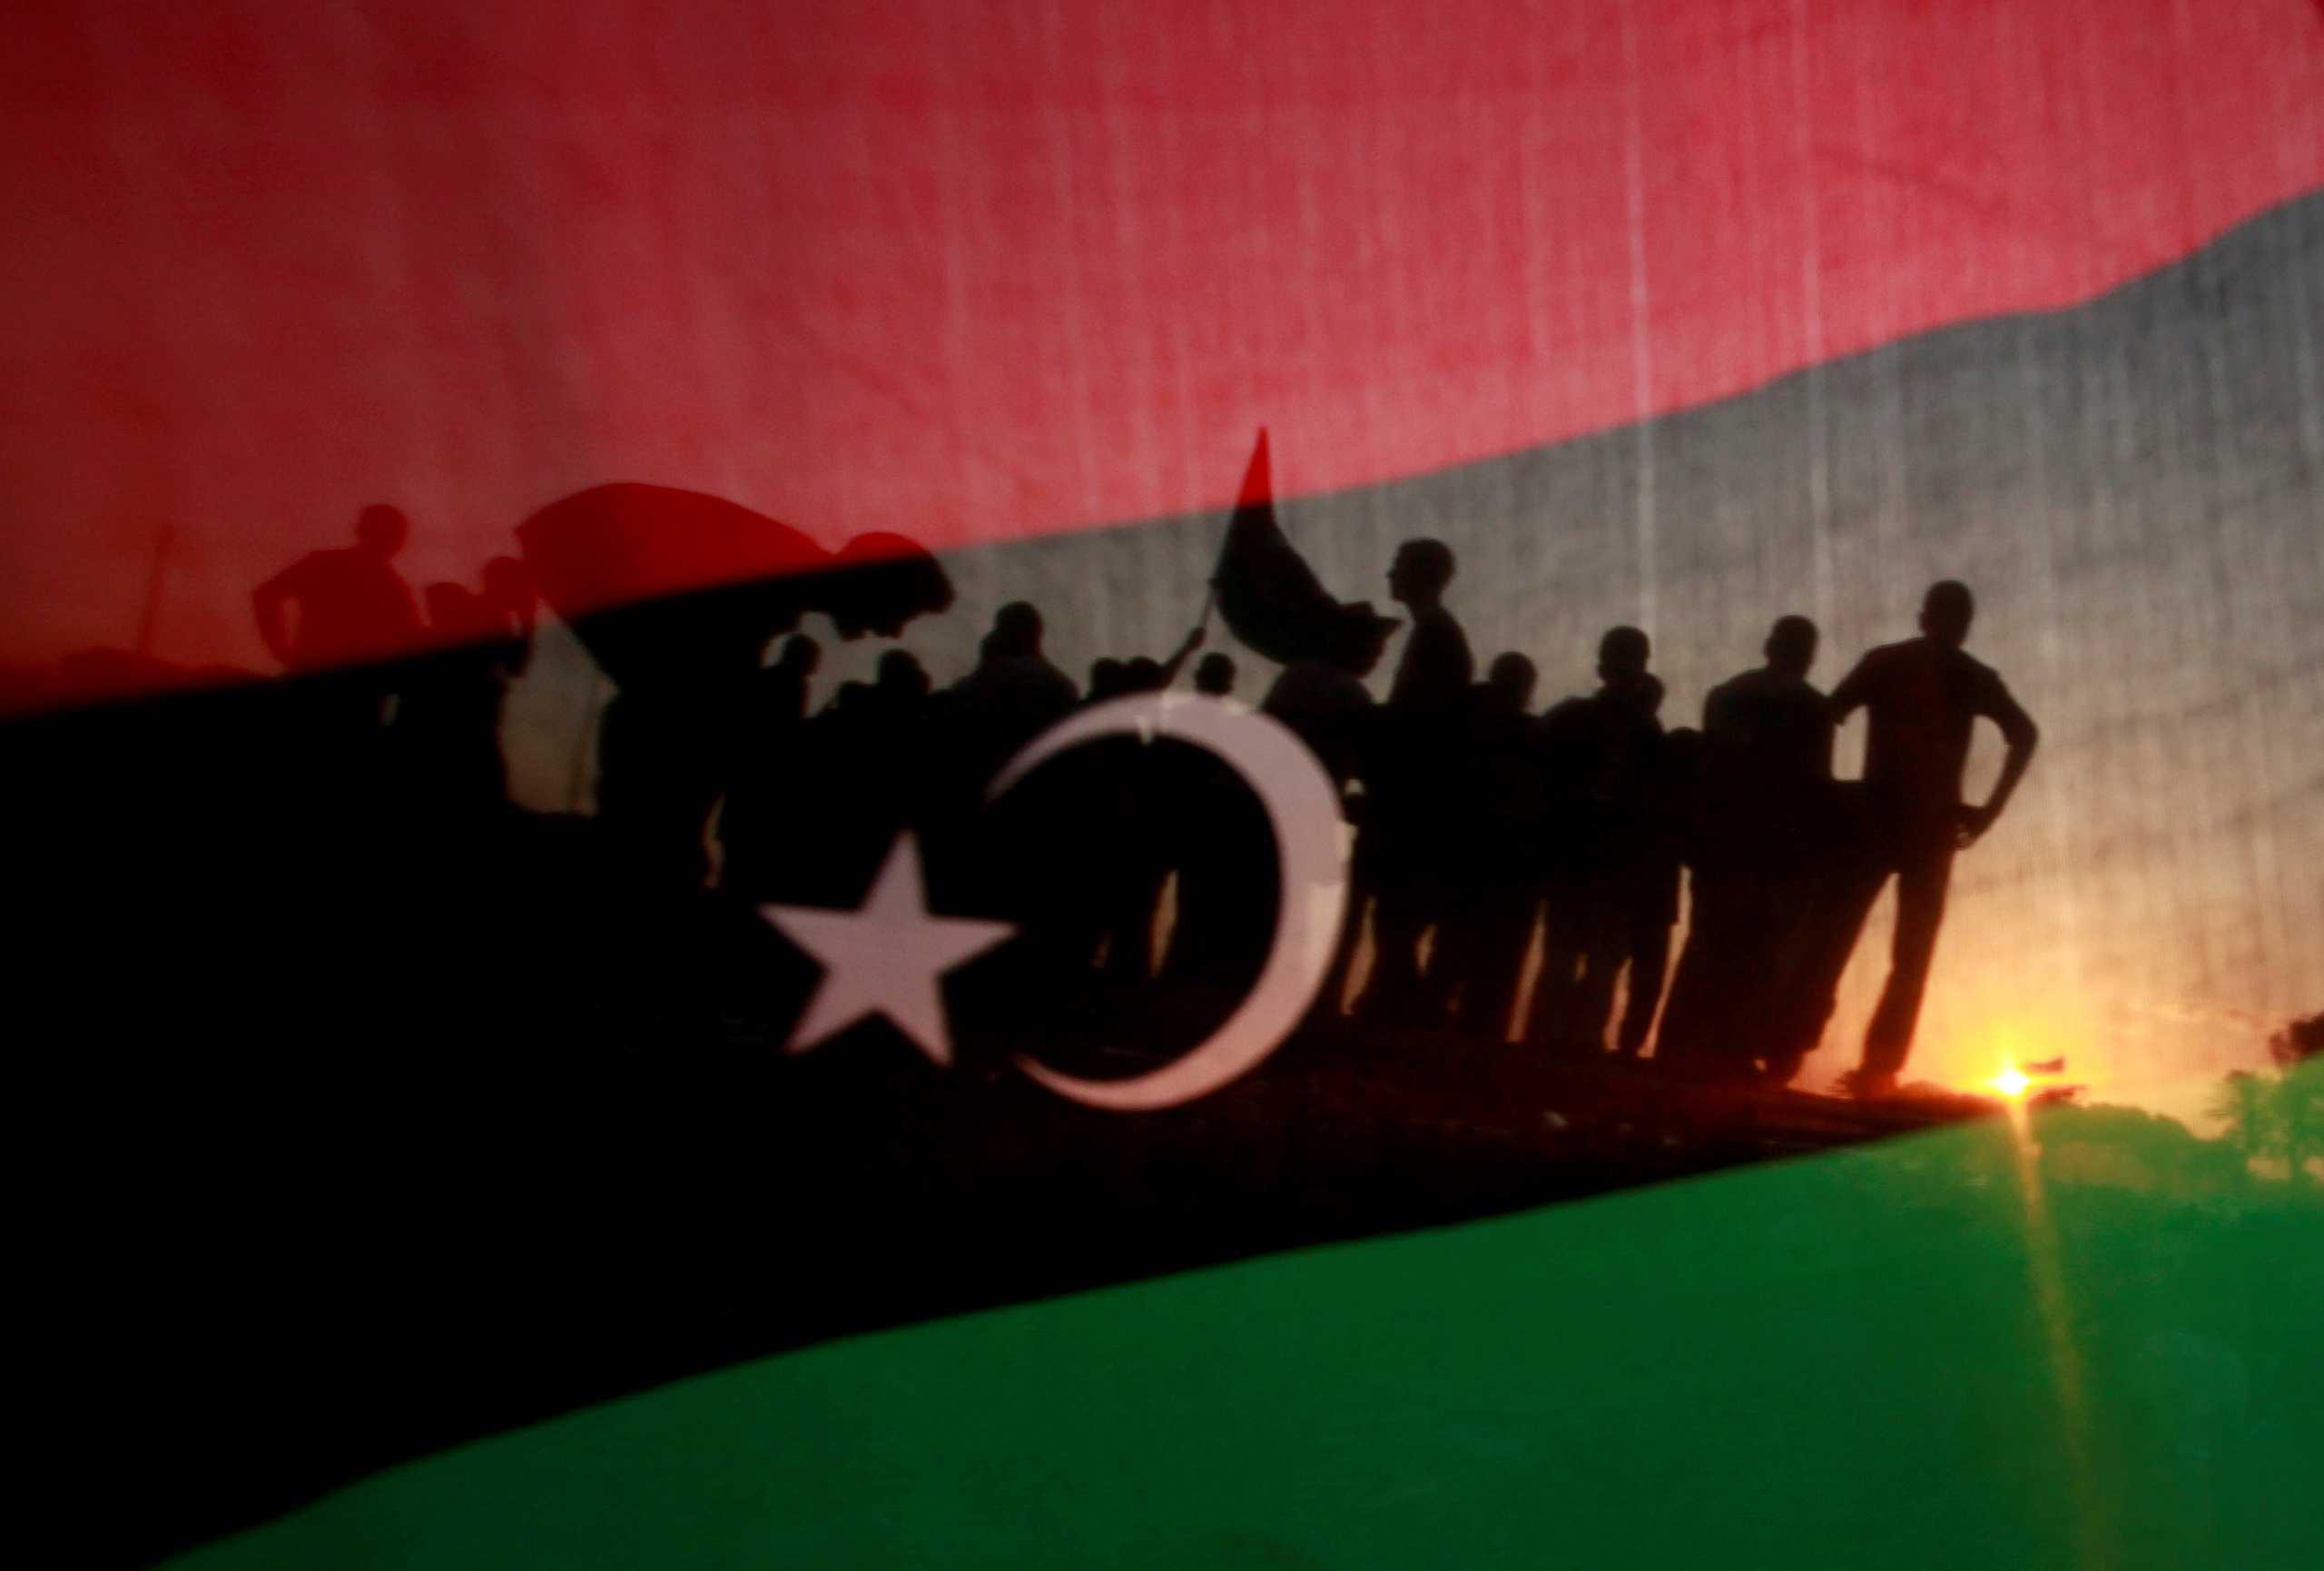 Νέο «χαστούκι» από τη Λιβύη στην Τουρκία: Δεν θα επιτρέψουμε ξένες δυνάμεις στη χώρα